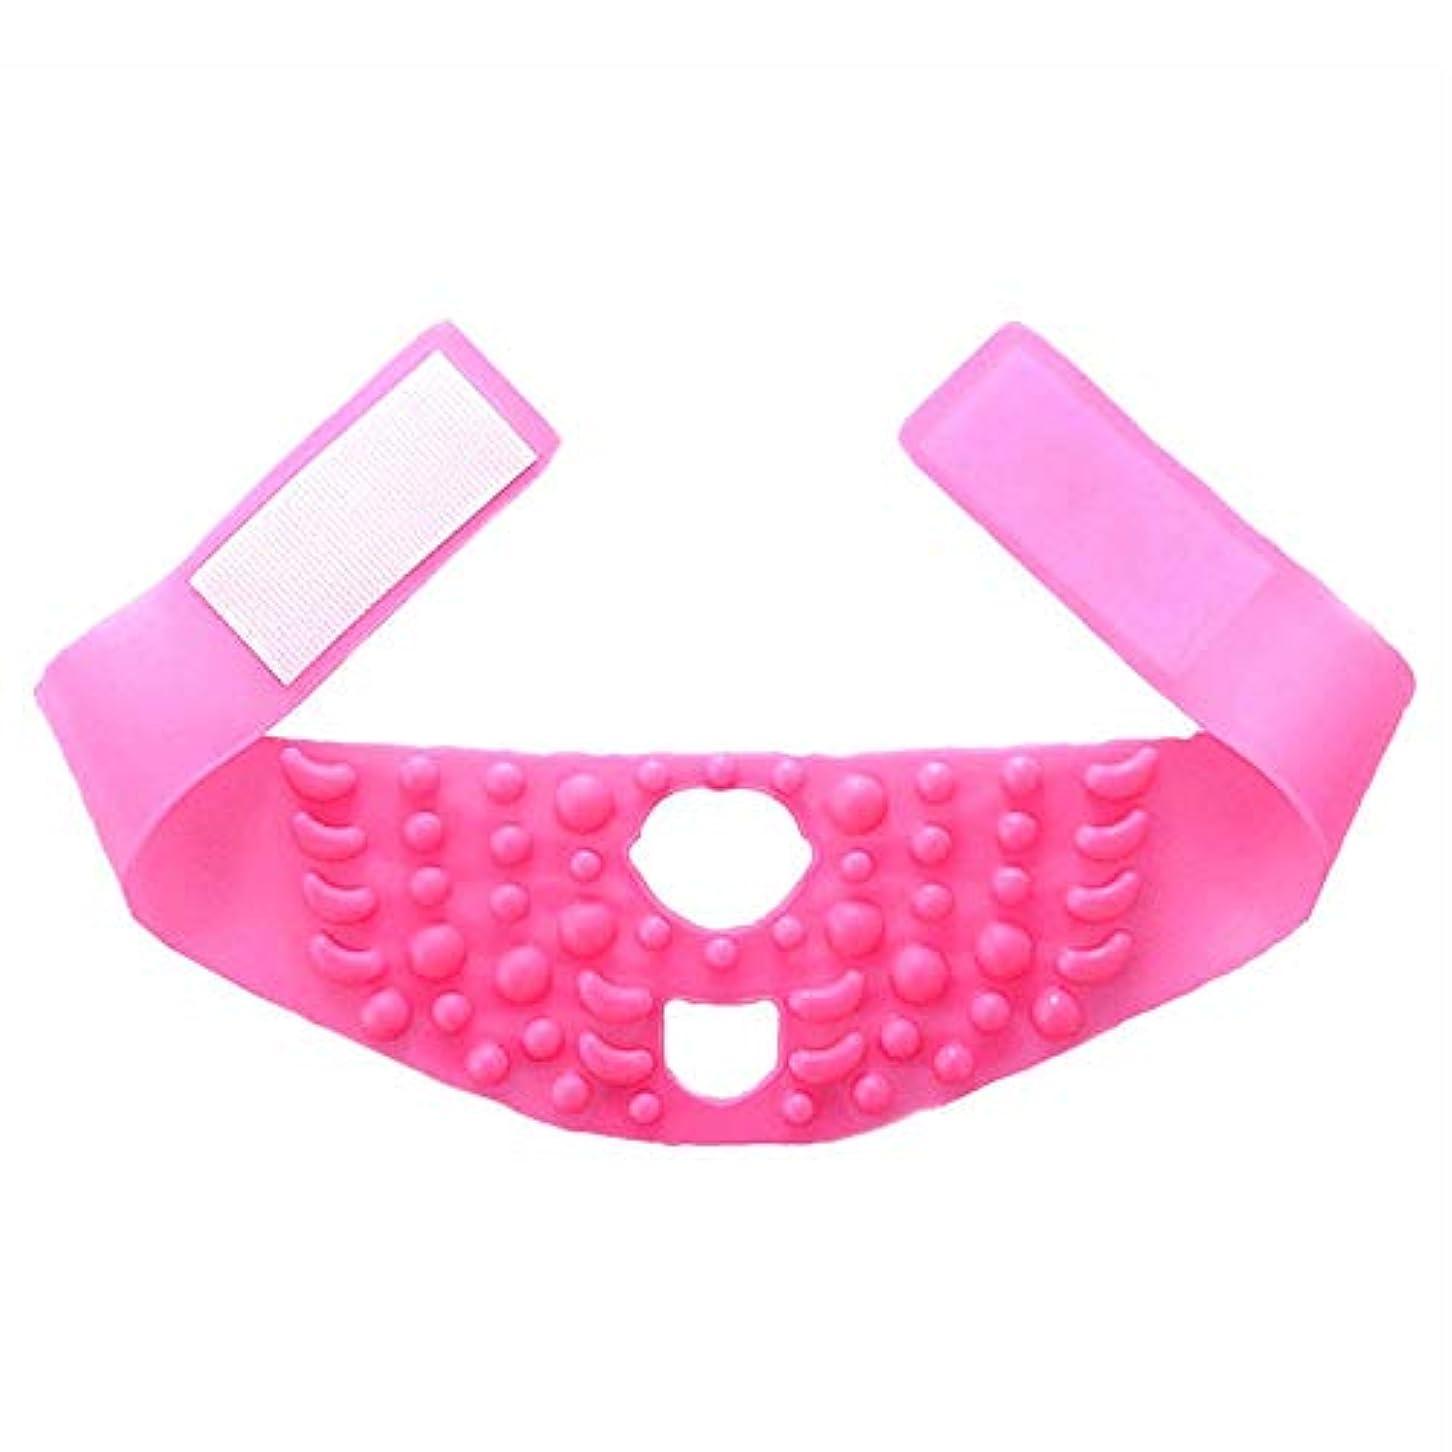 接続文芸レジシンフェイスマスクシリコーンマッサージ引き締まった形の小さなVフェイスリフティングに薄いフェイスアーティファクト包帯を飾る - ピンク